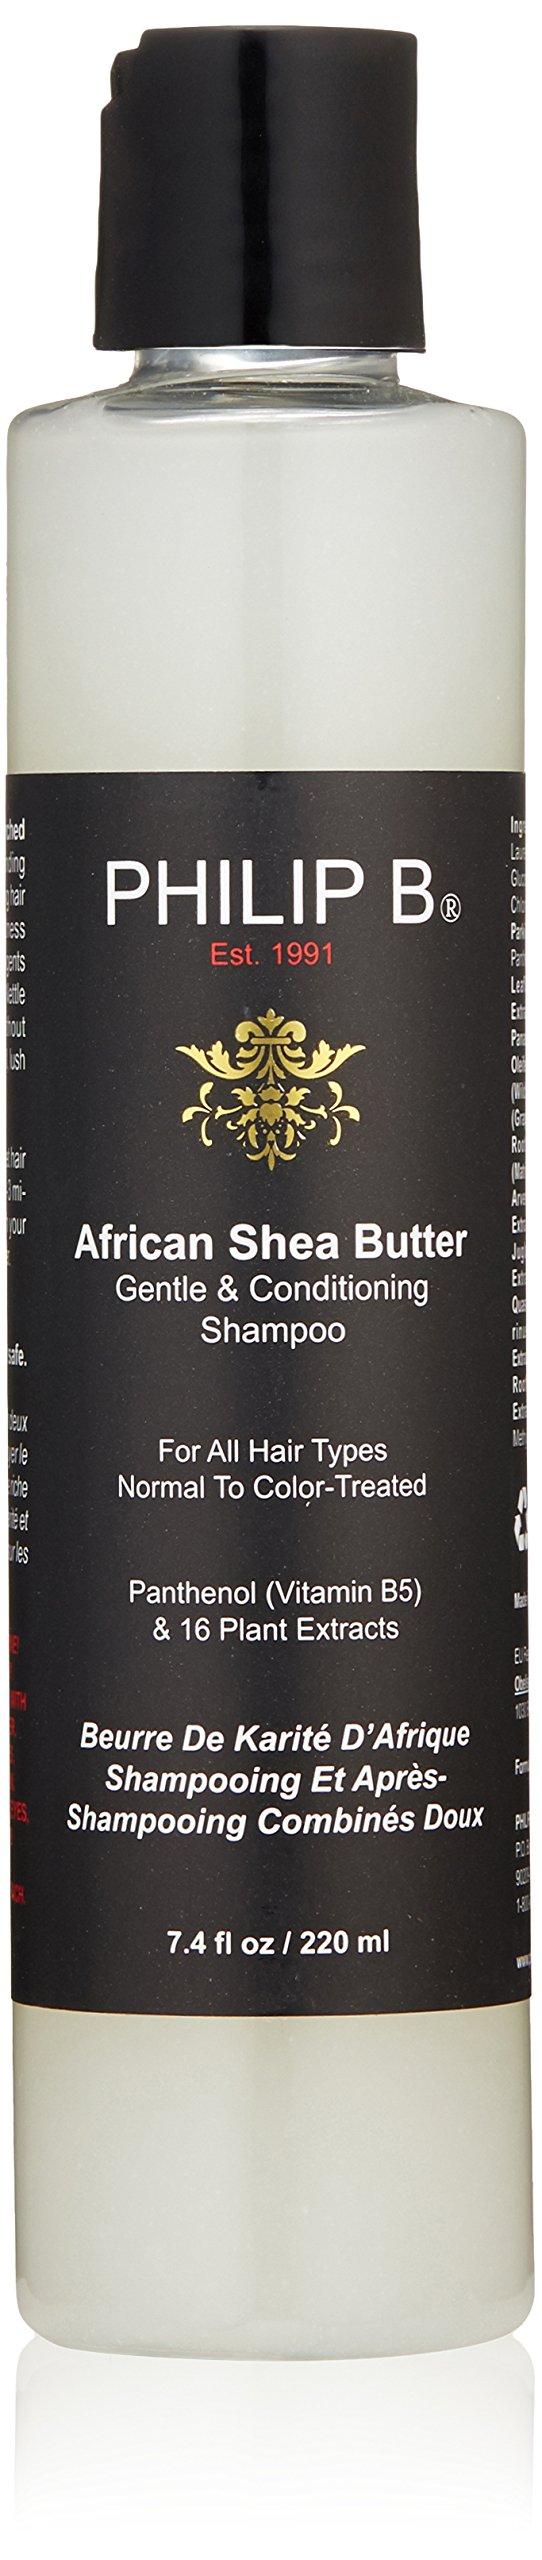 Philip B African Shea Butter Shampoo, 7.4-Ounce Bottle